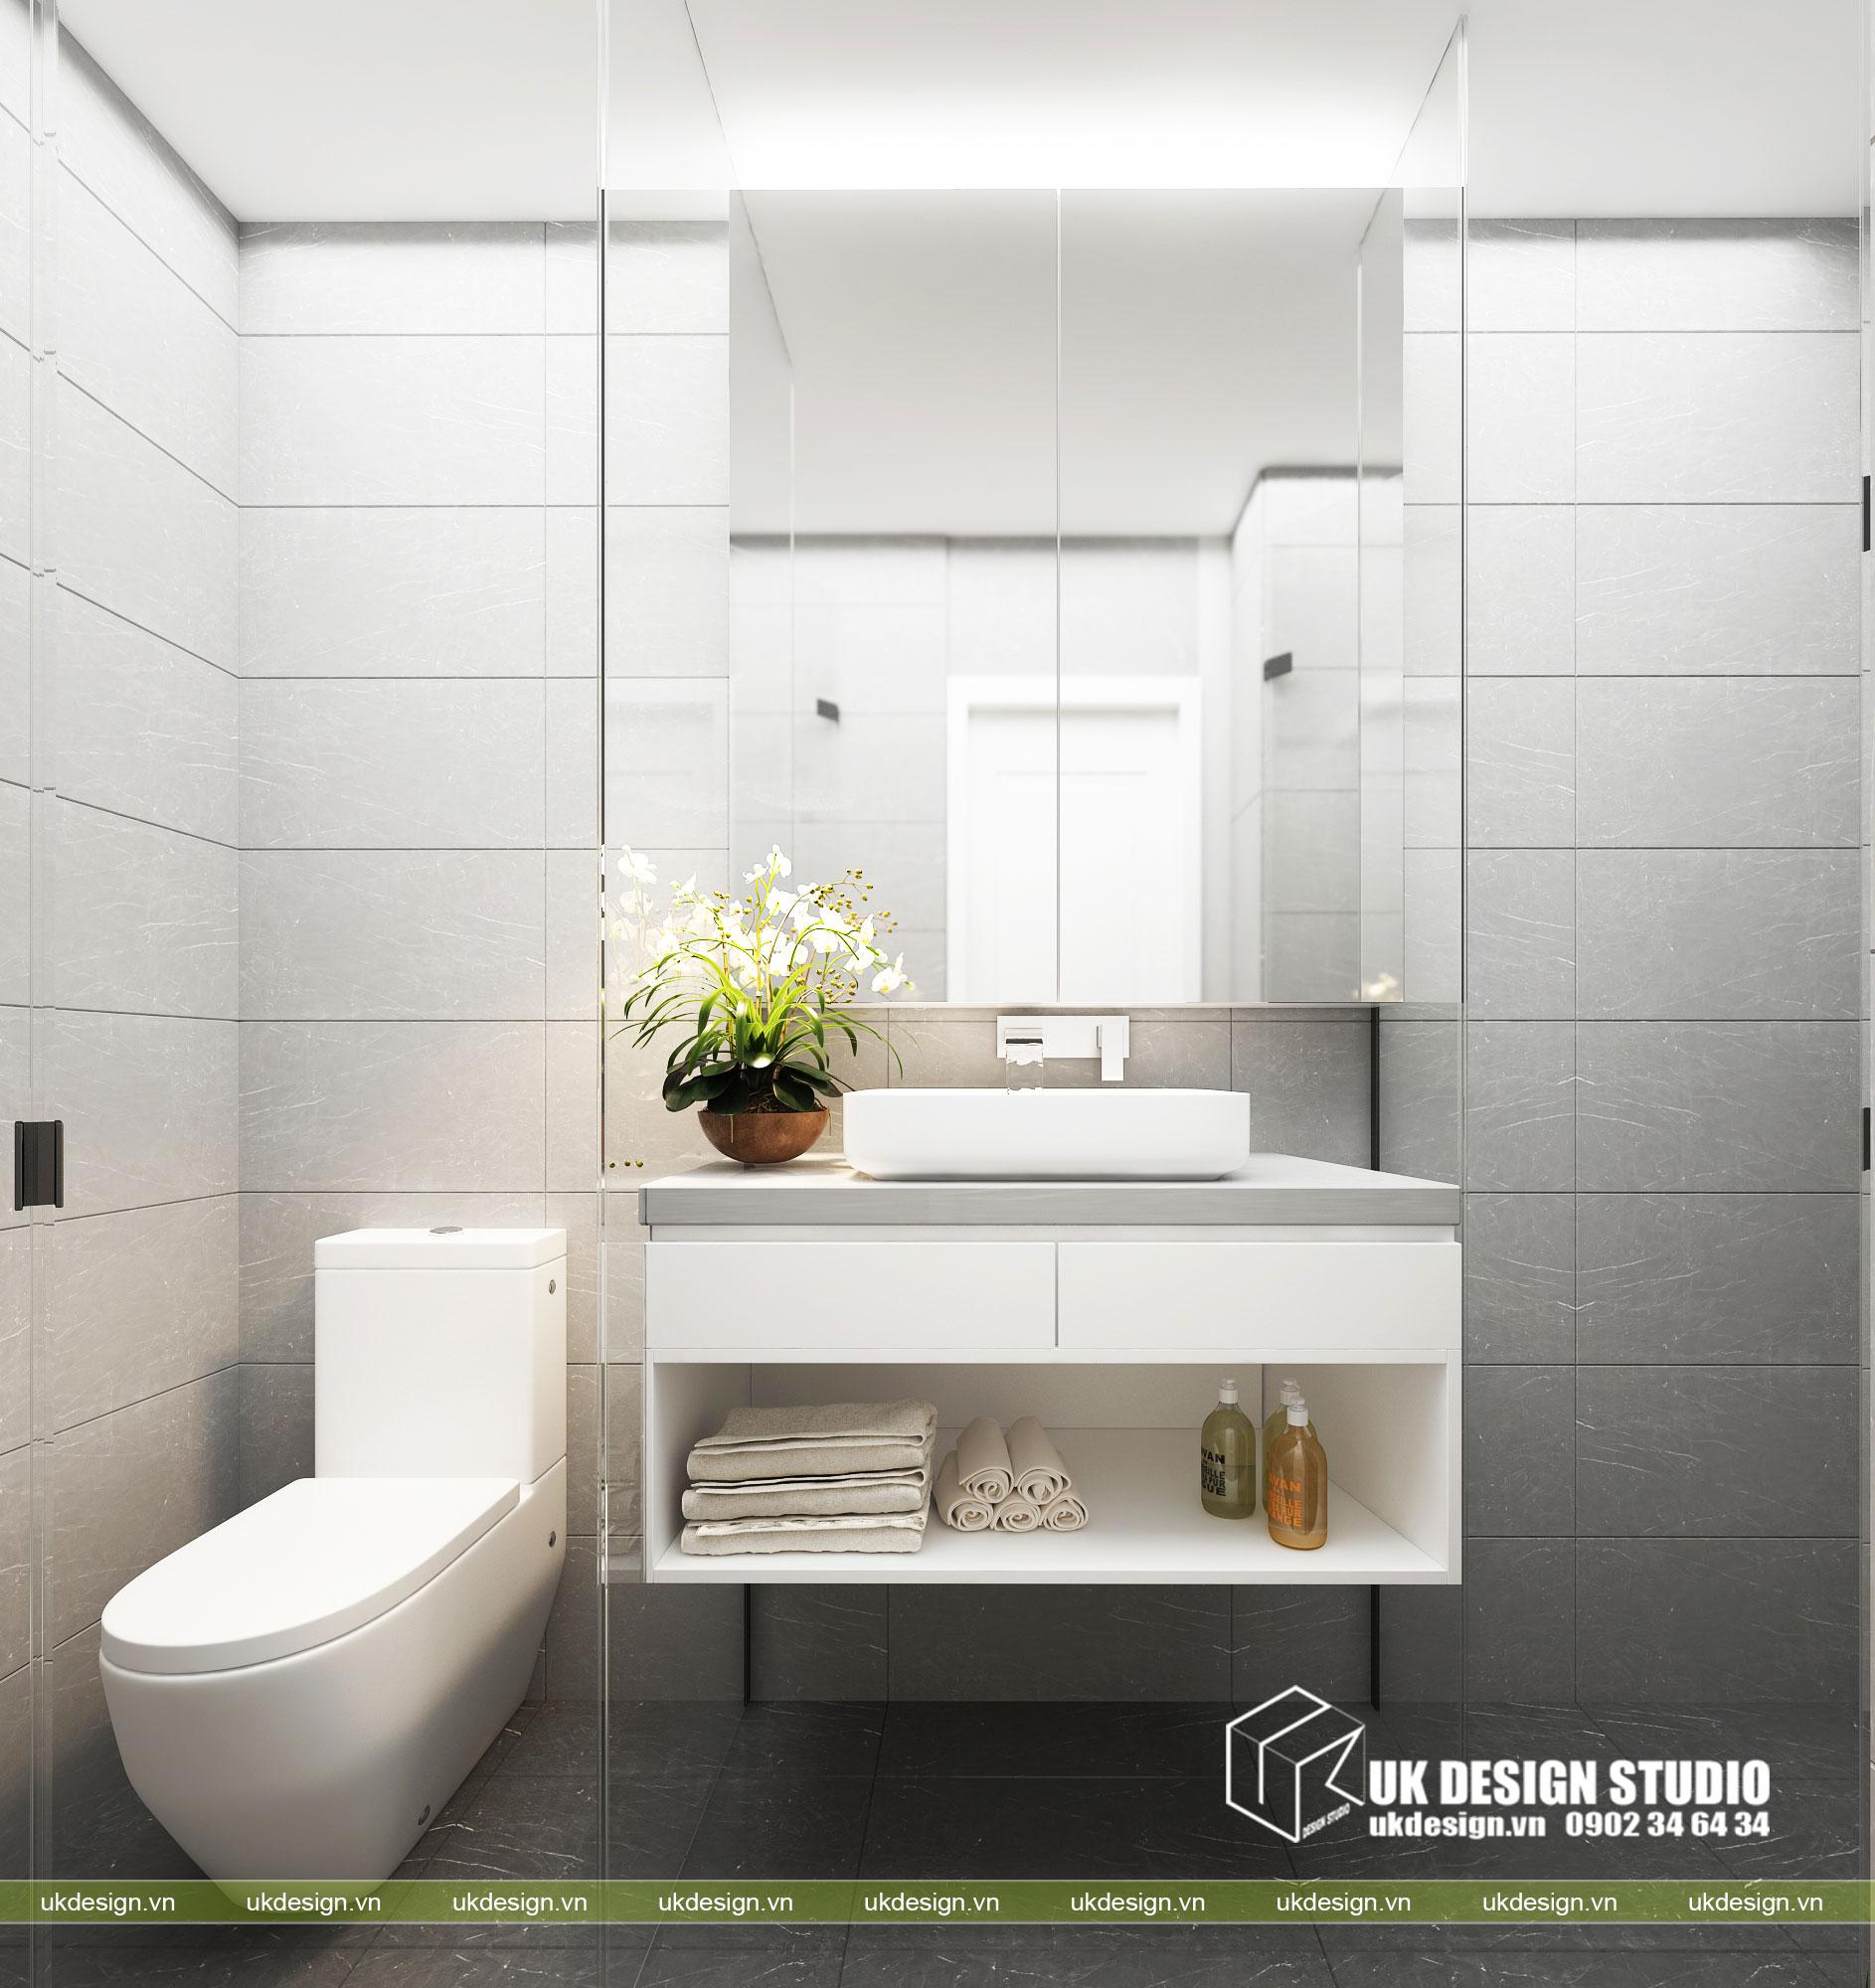 Thiết kế nội thất căn hộ 2 phòng ngủ 9